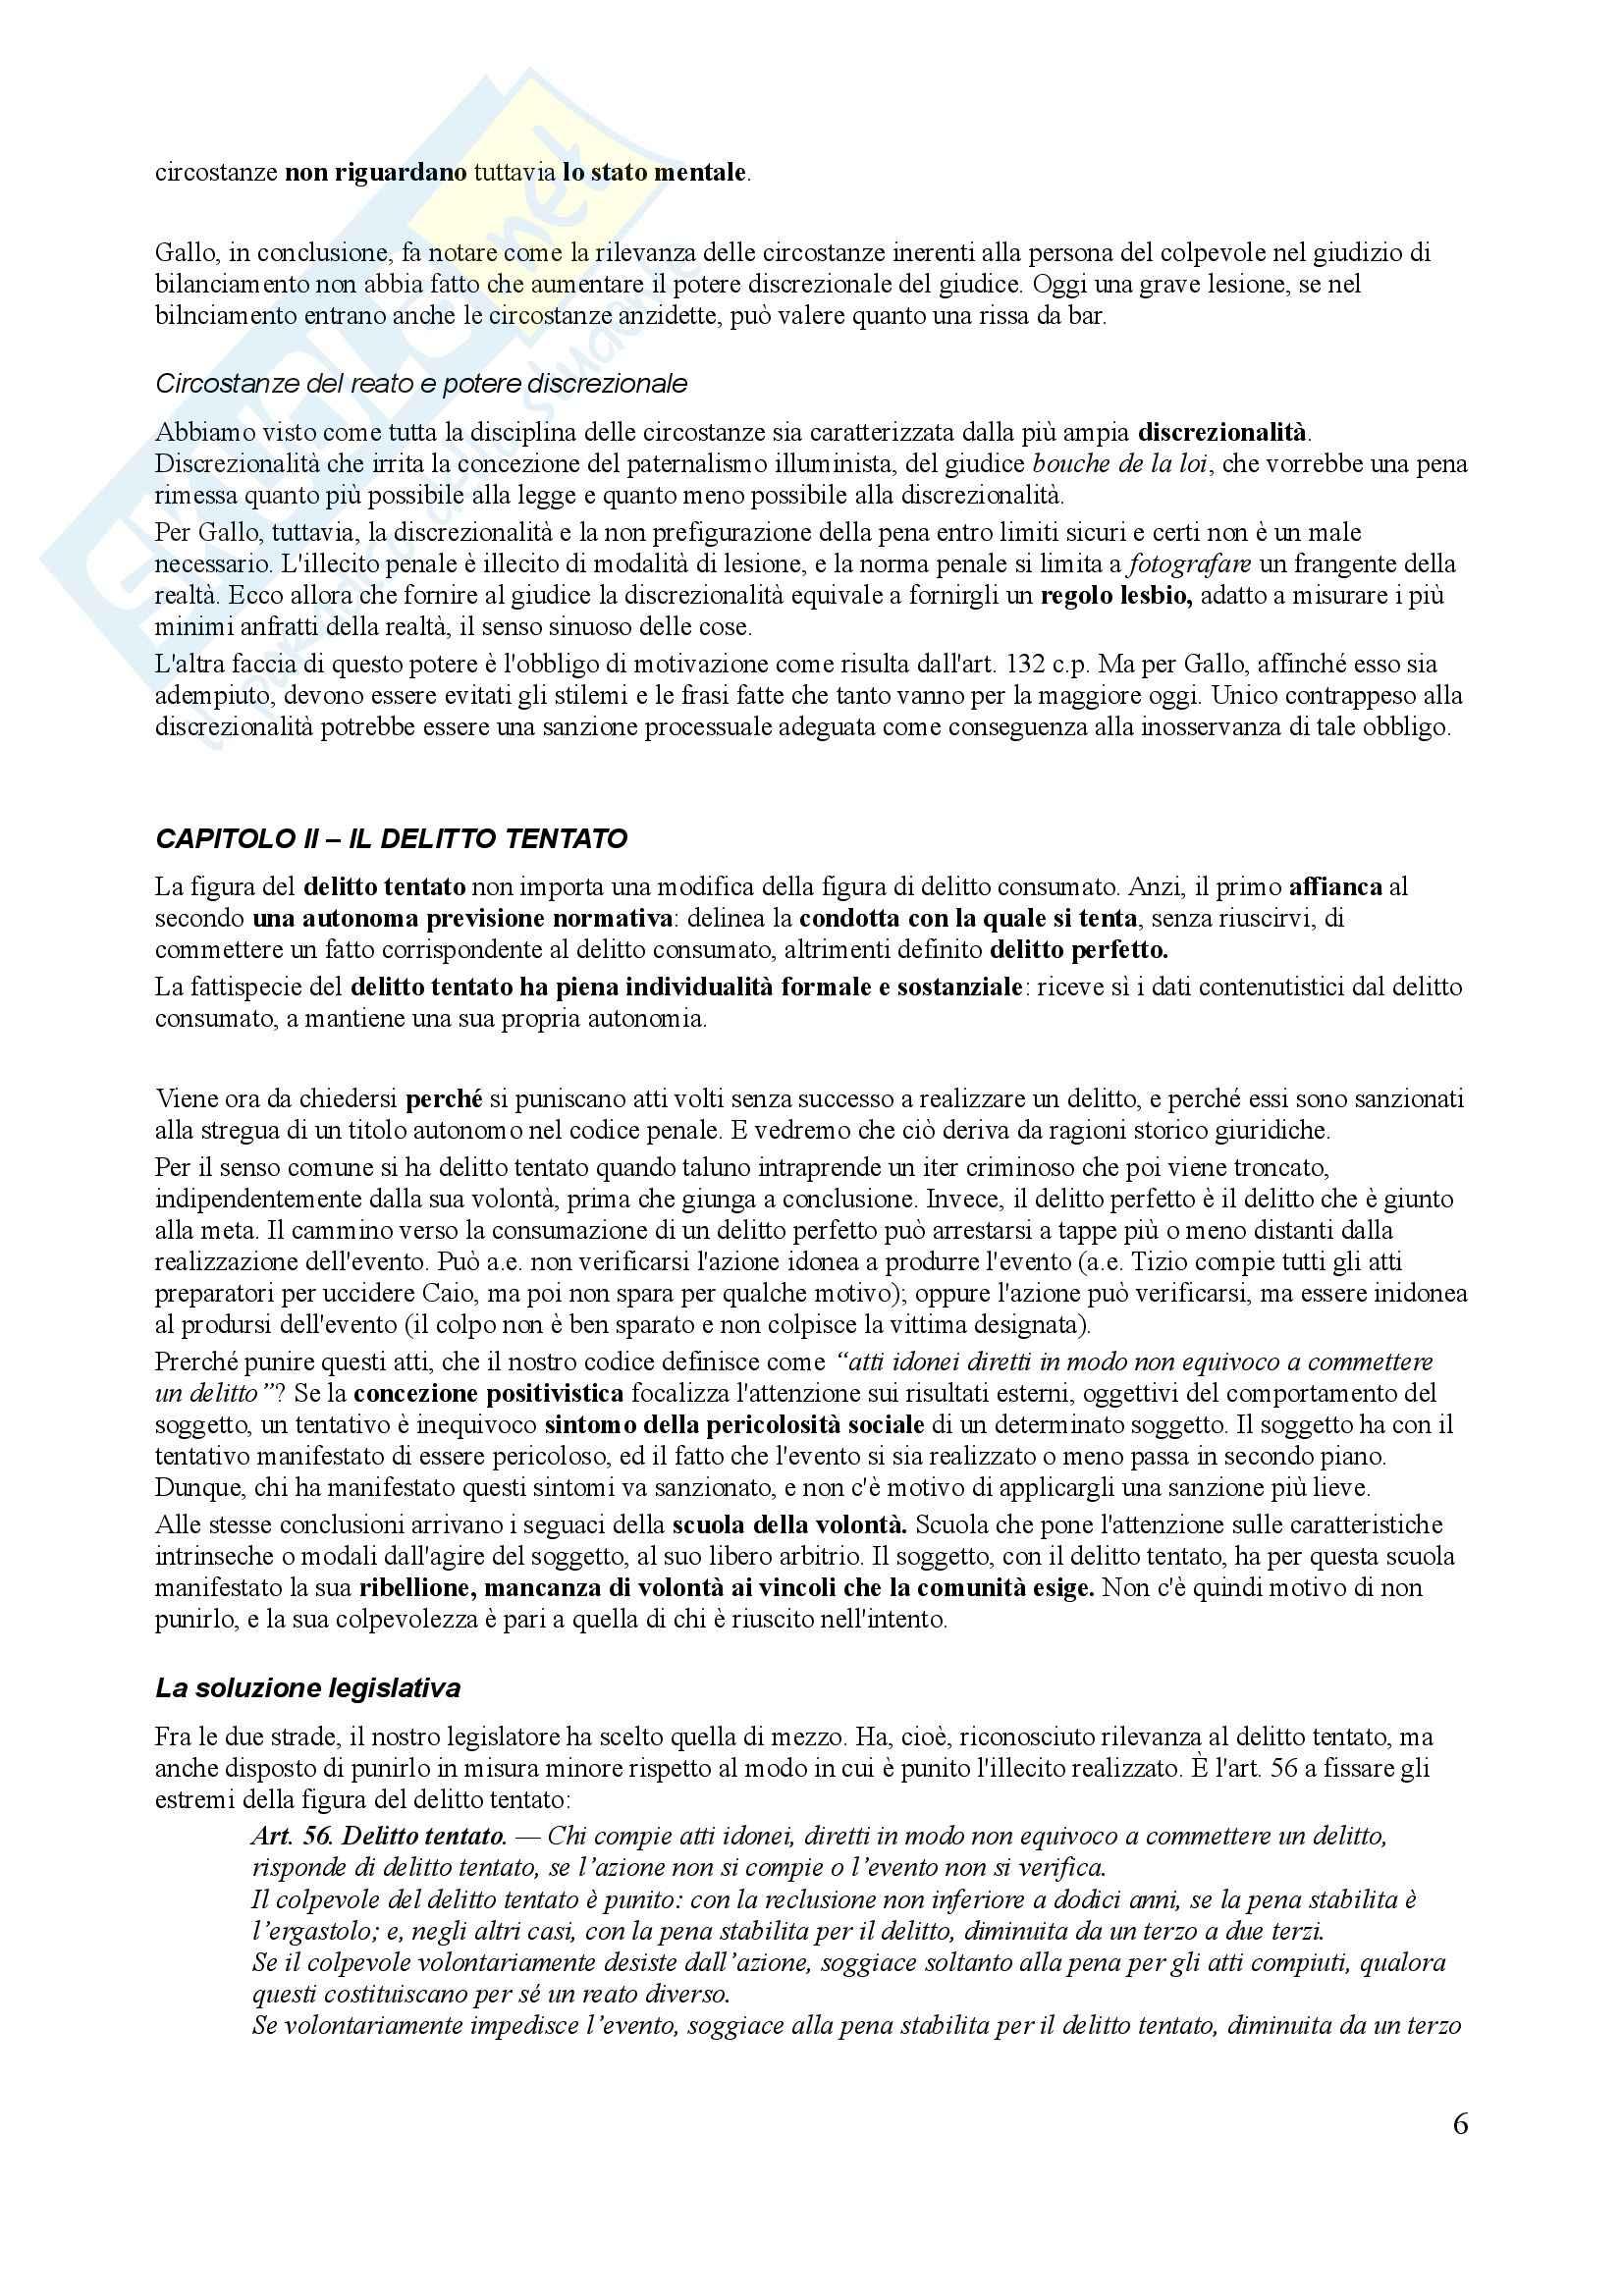 Riassunto esame Diritto Penale, prof. Trapani, libro consigliato Diritto Penale, Gallo - quarta parte Pag. 6